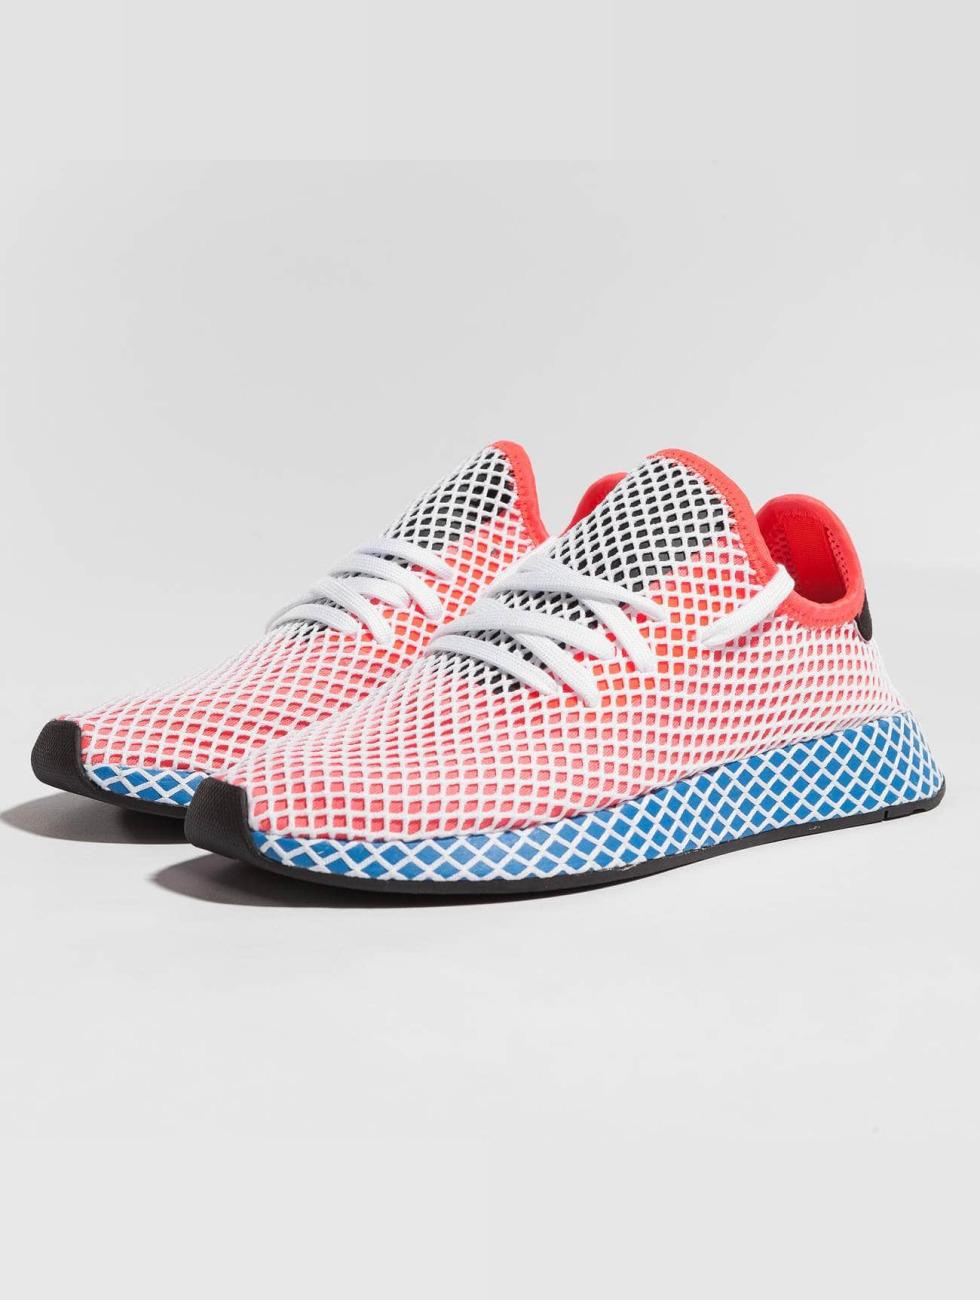 Adidas Originals Scarpa / Sneaker Corridore Deerupt In Rosso 437.501